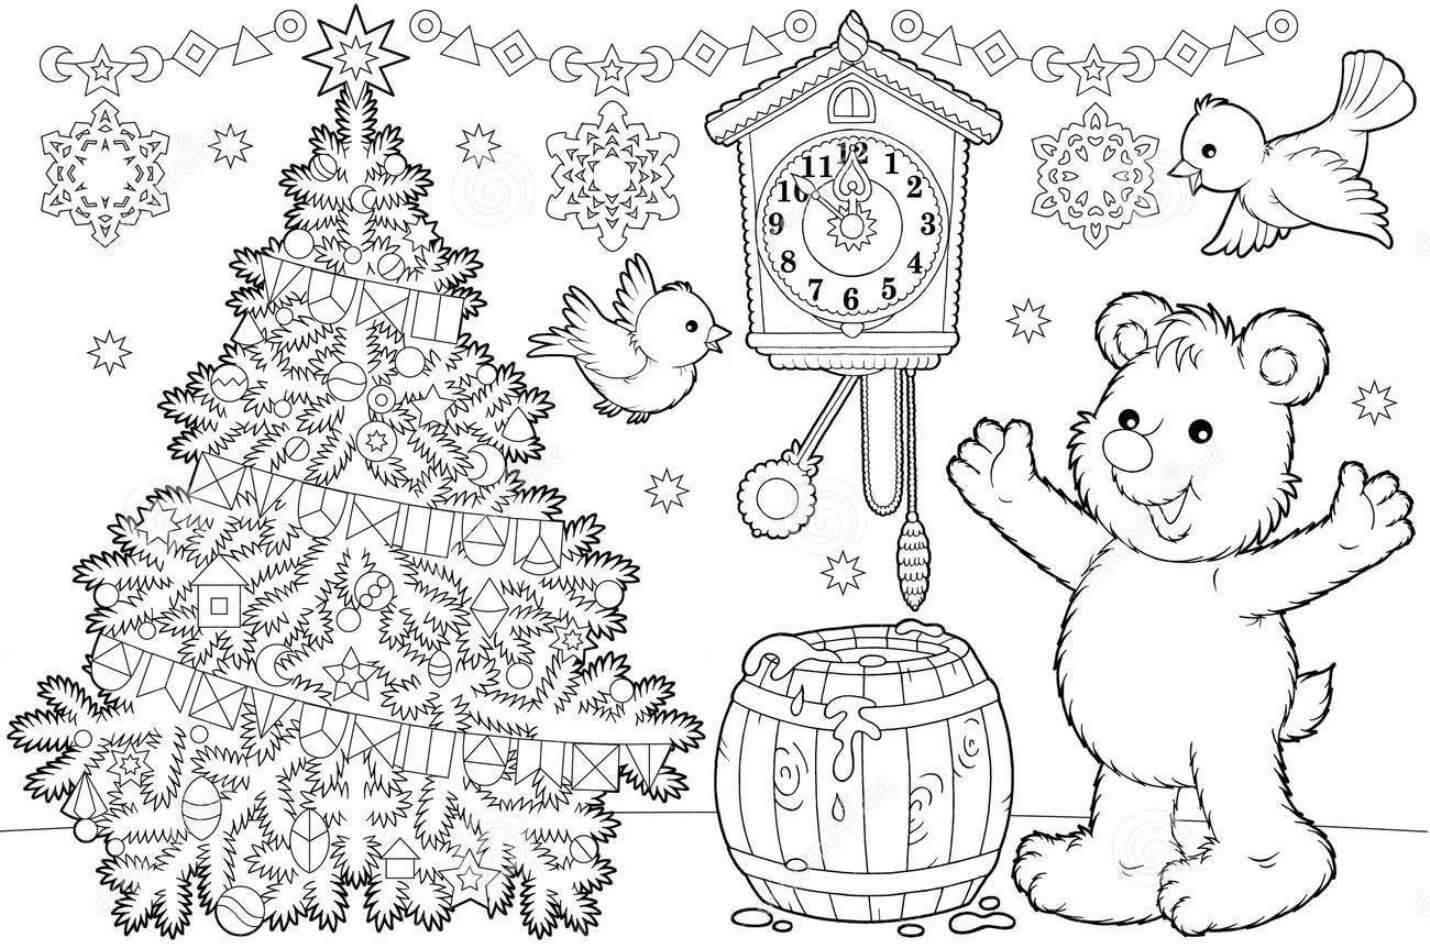 Новый год 2019 картинки для срисовки и рисования - сборка (19 картинок) 13